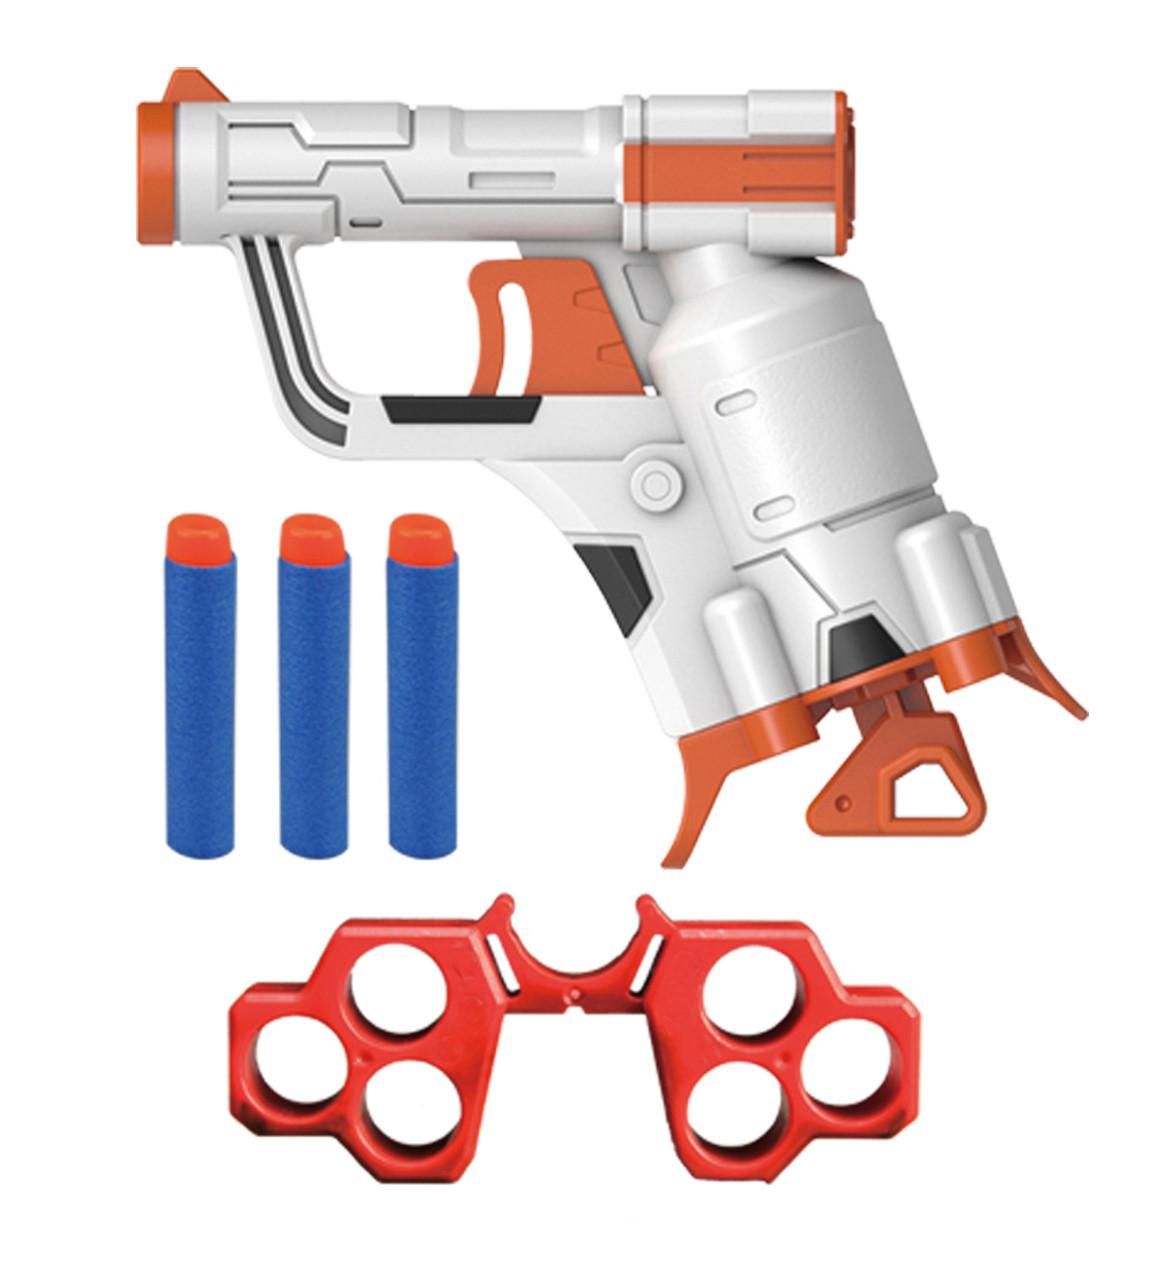 Пистолет игрушечный, стреляет мягкими патронами B3214